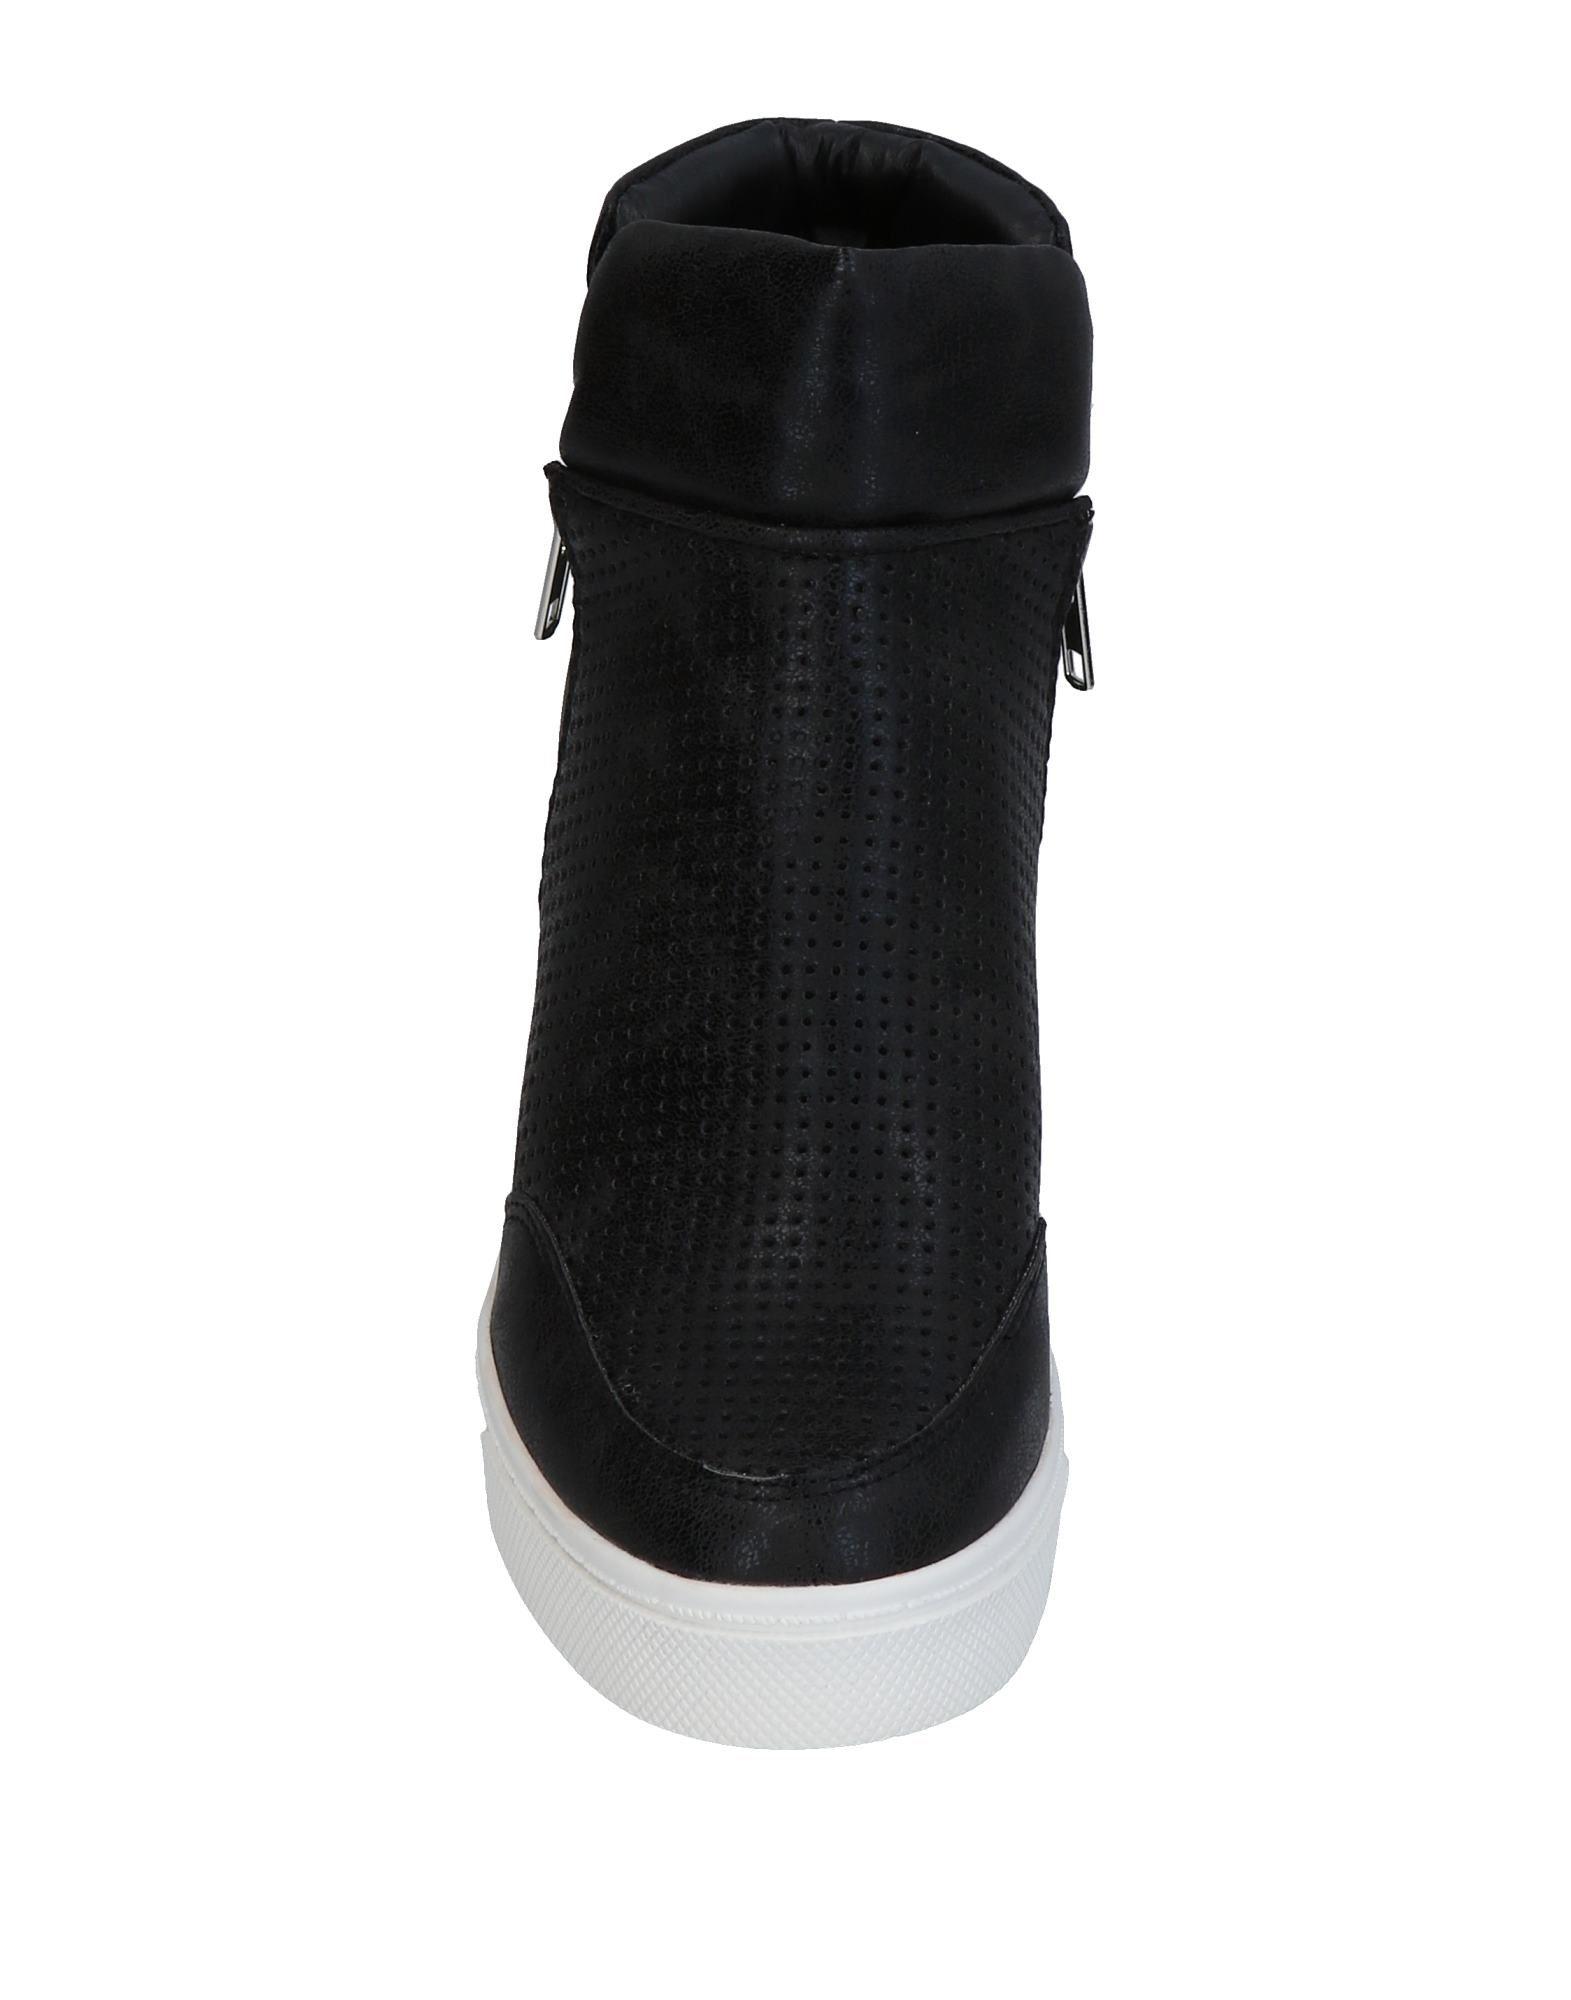 Steve Sneakers Madden Sneakers Steve Damen  11458280TD  e1790c